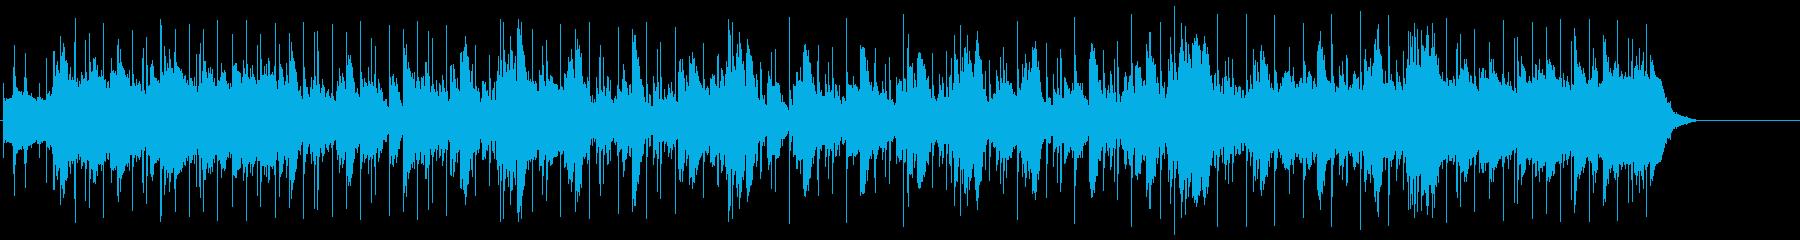 ジャジーな夜のアダルトなマイナーポップの再生済みの波形